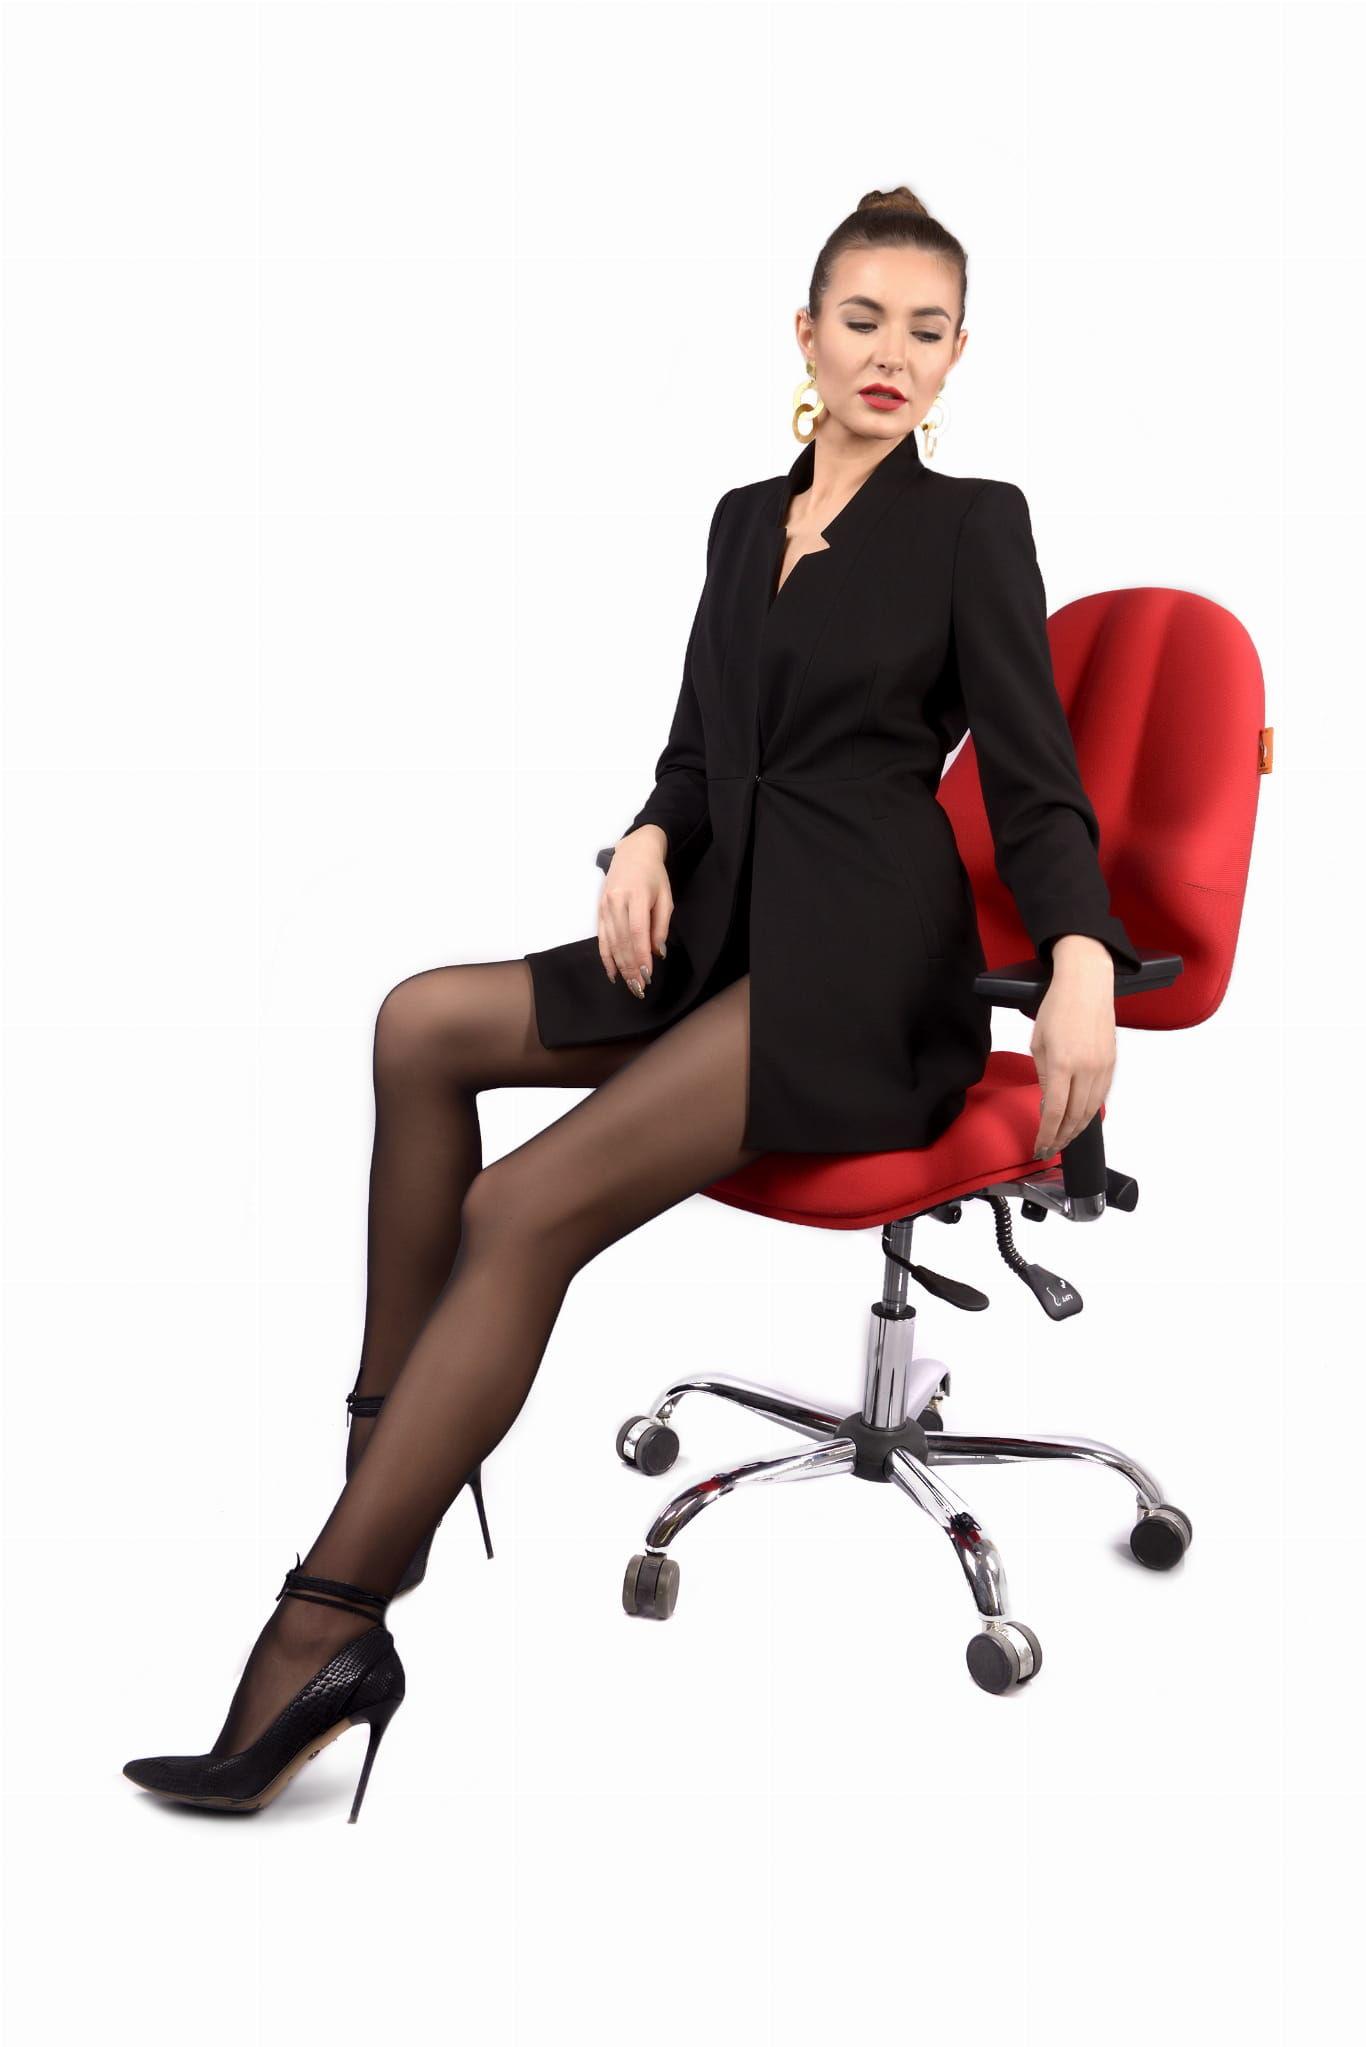 Krzesło Classic Pro profilaktyczno-rehabilitacyjne Kulik System